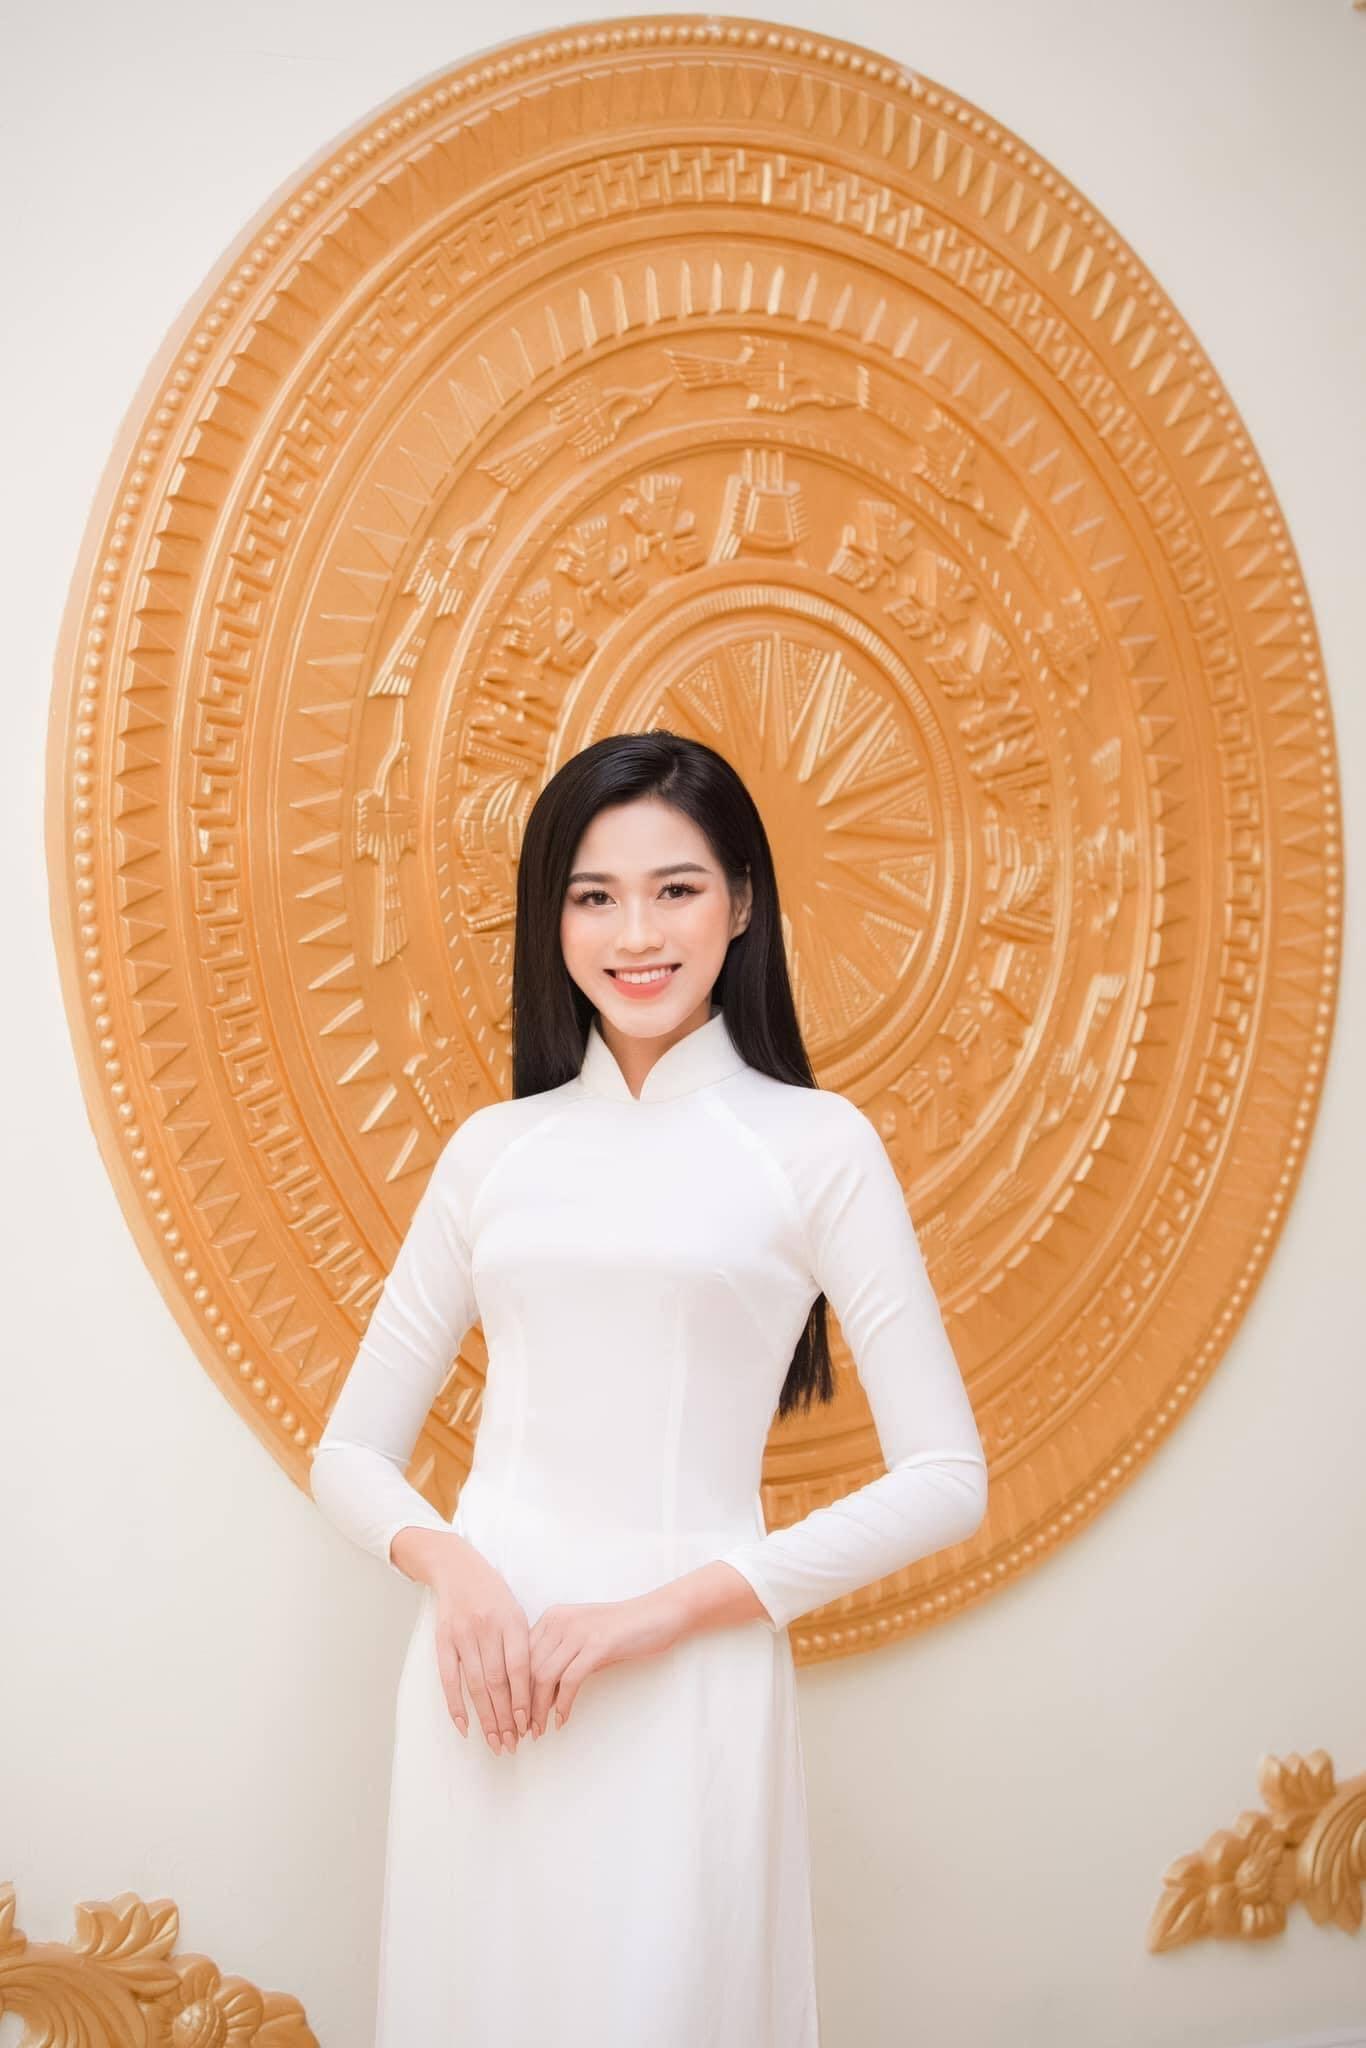 Hoa hậu Đỗ Thị Hà đón Tết quê nhà với khu vườn mộc mạc cái gì cũng có